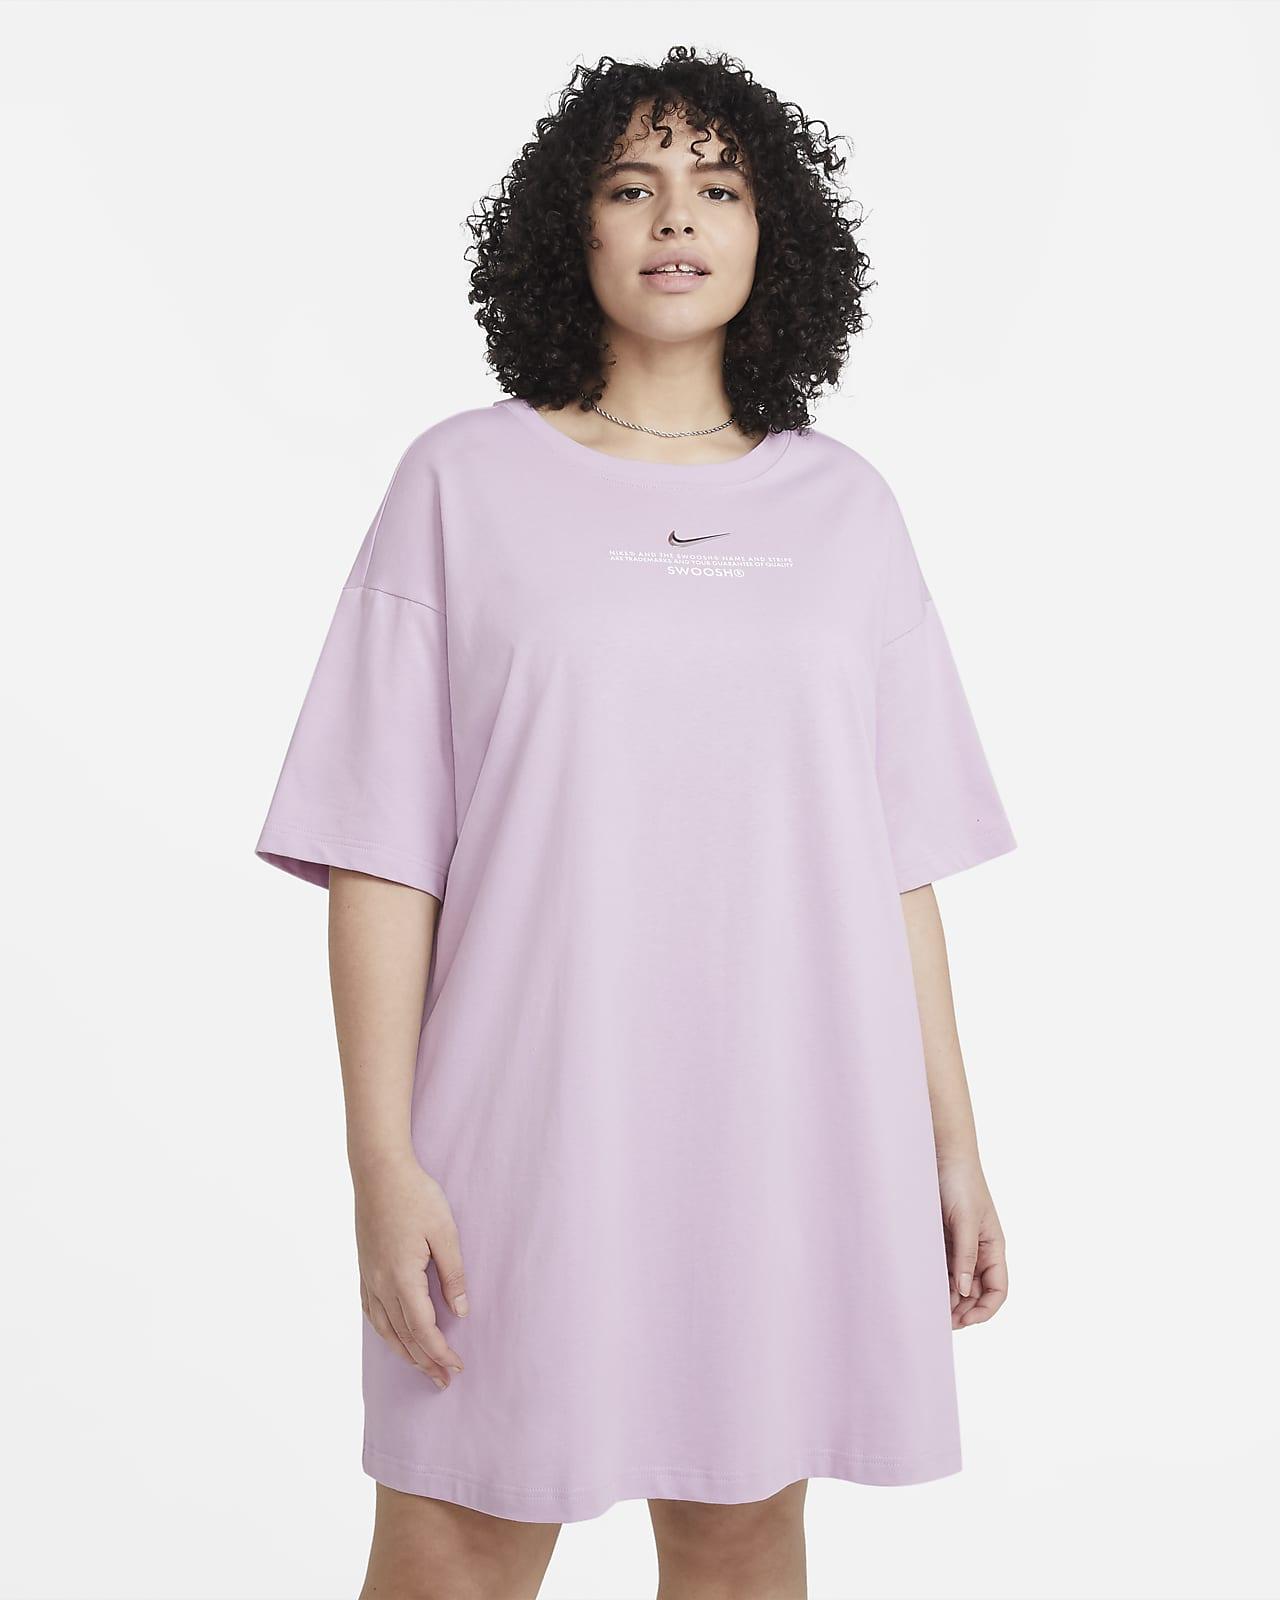 Damska sukienka Nike Sportswear Swoosh (duże rozmiary)